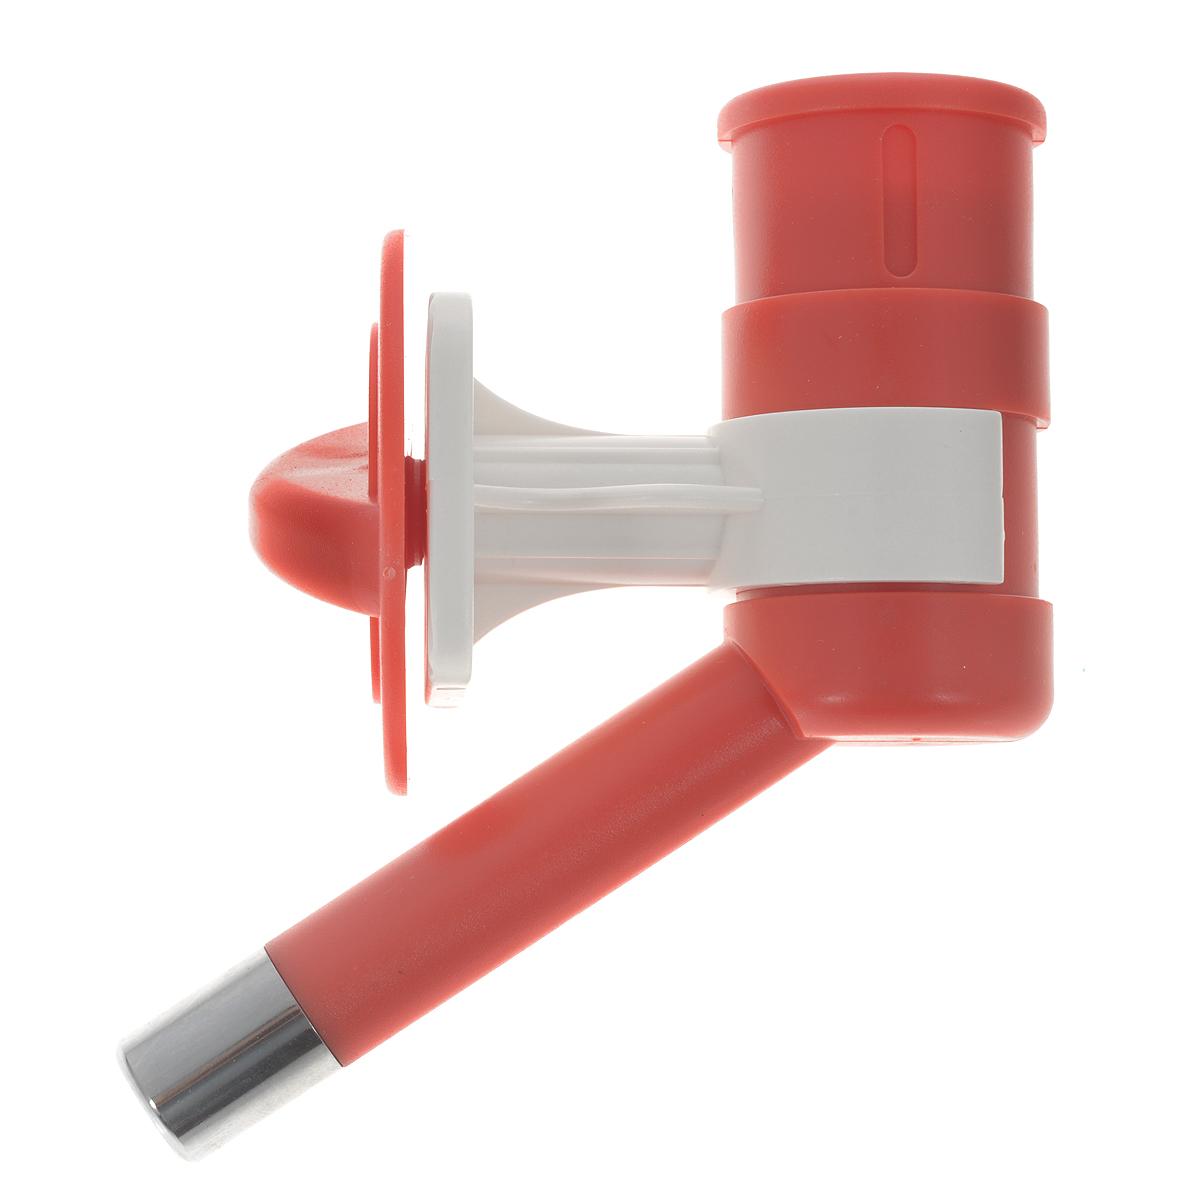 Автопоилка для животных, универсальная, цвет: красный